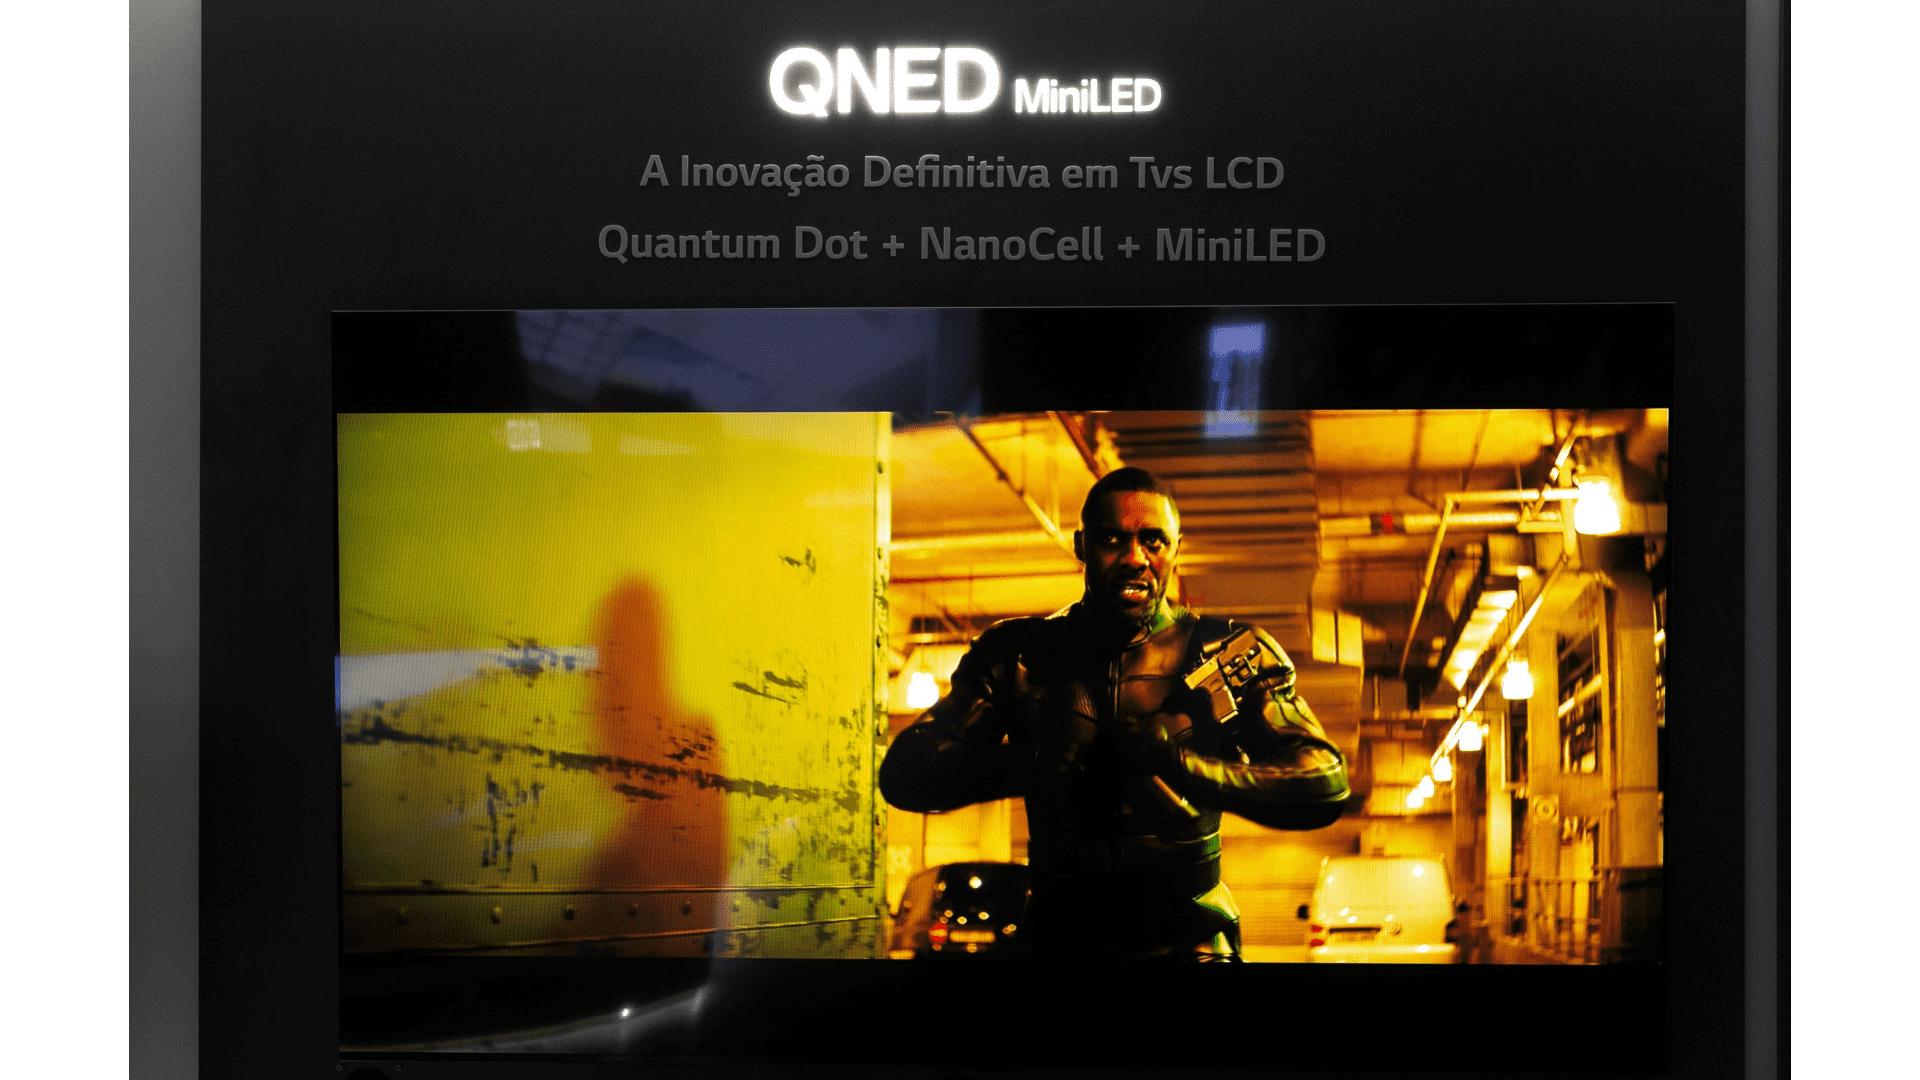 Veja detalhes da nova TV QNED da LG. (Imagem: Divulgação/LG)